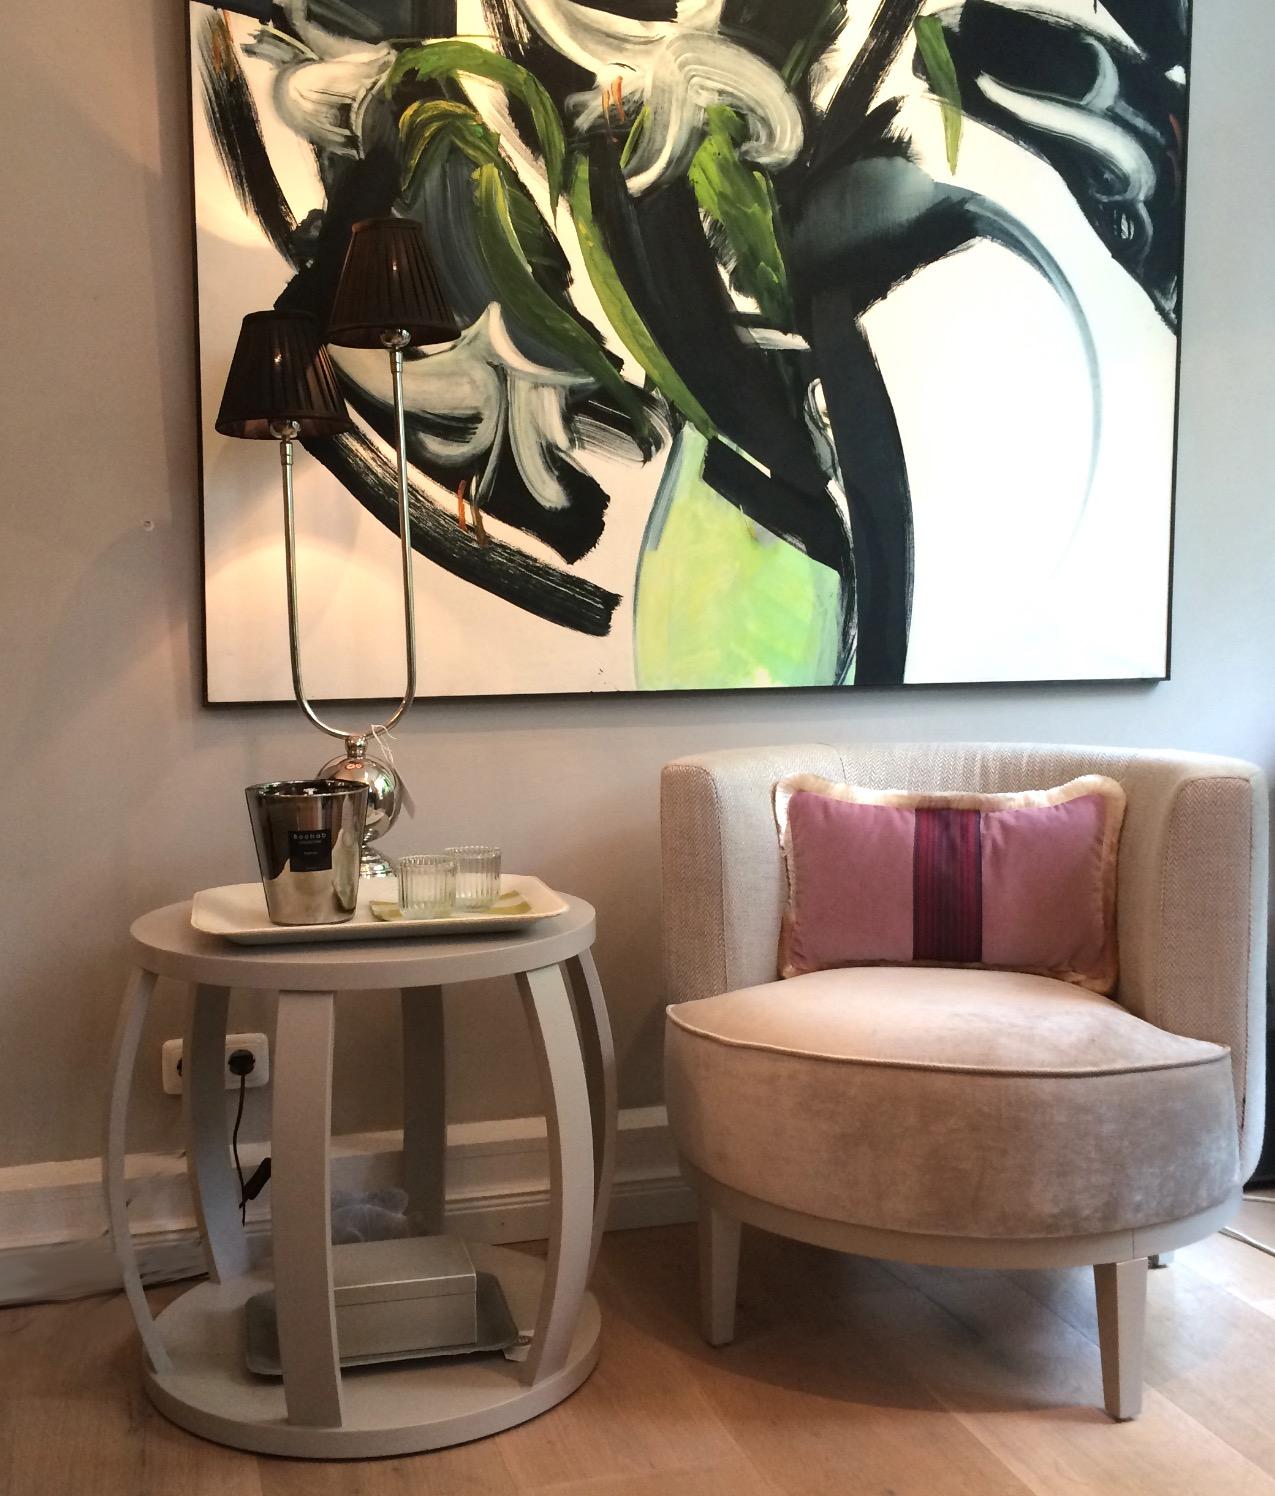 Möbelkonzepte & Bilderauswahl